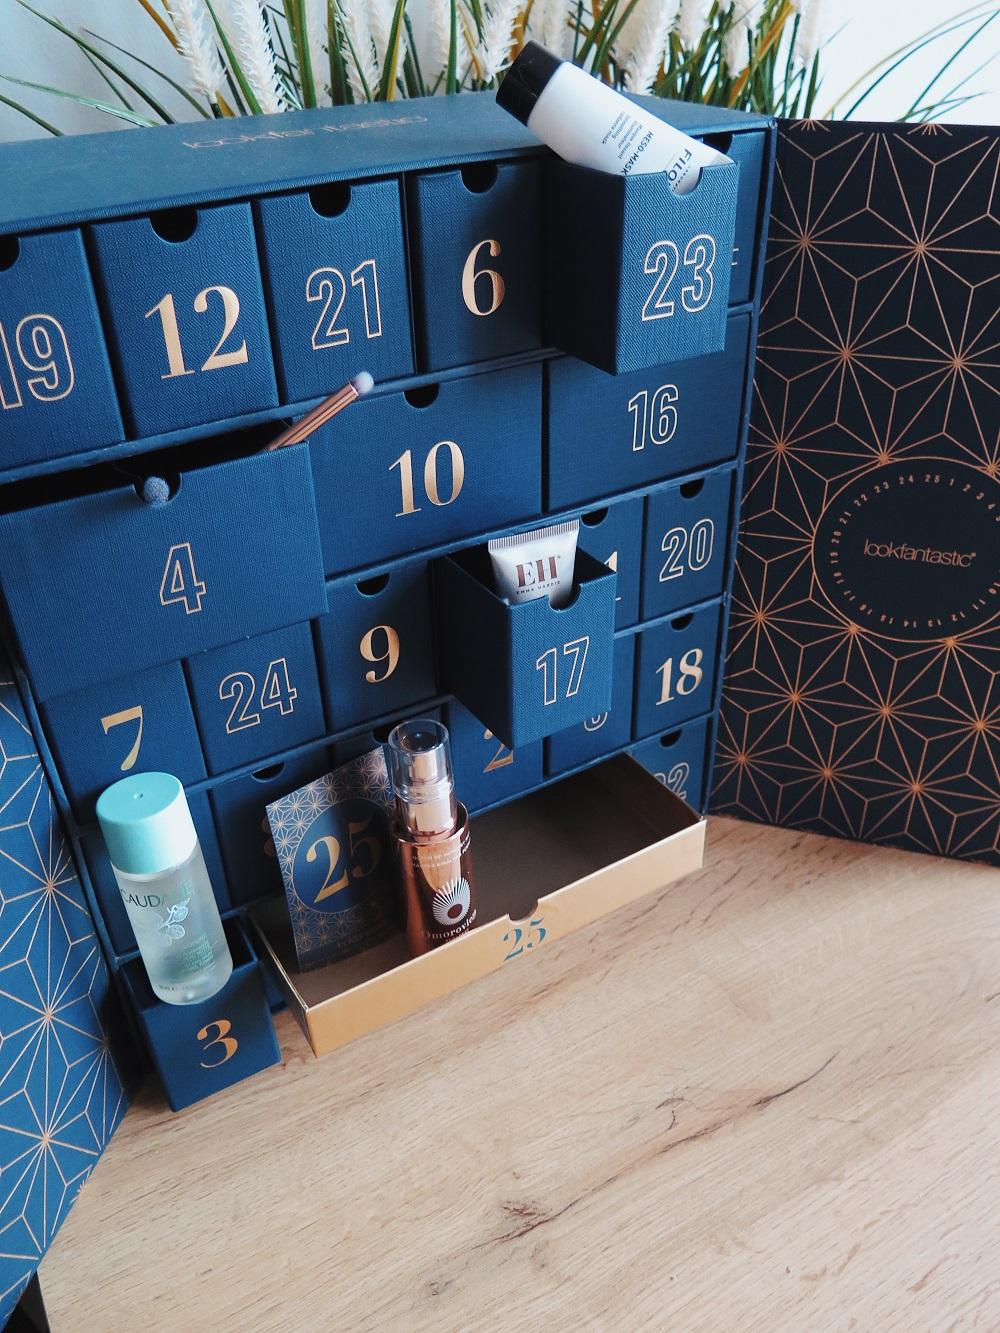 Kalendarz adwentowy z kosmetykami, który wybrać?